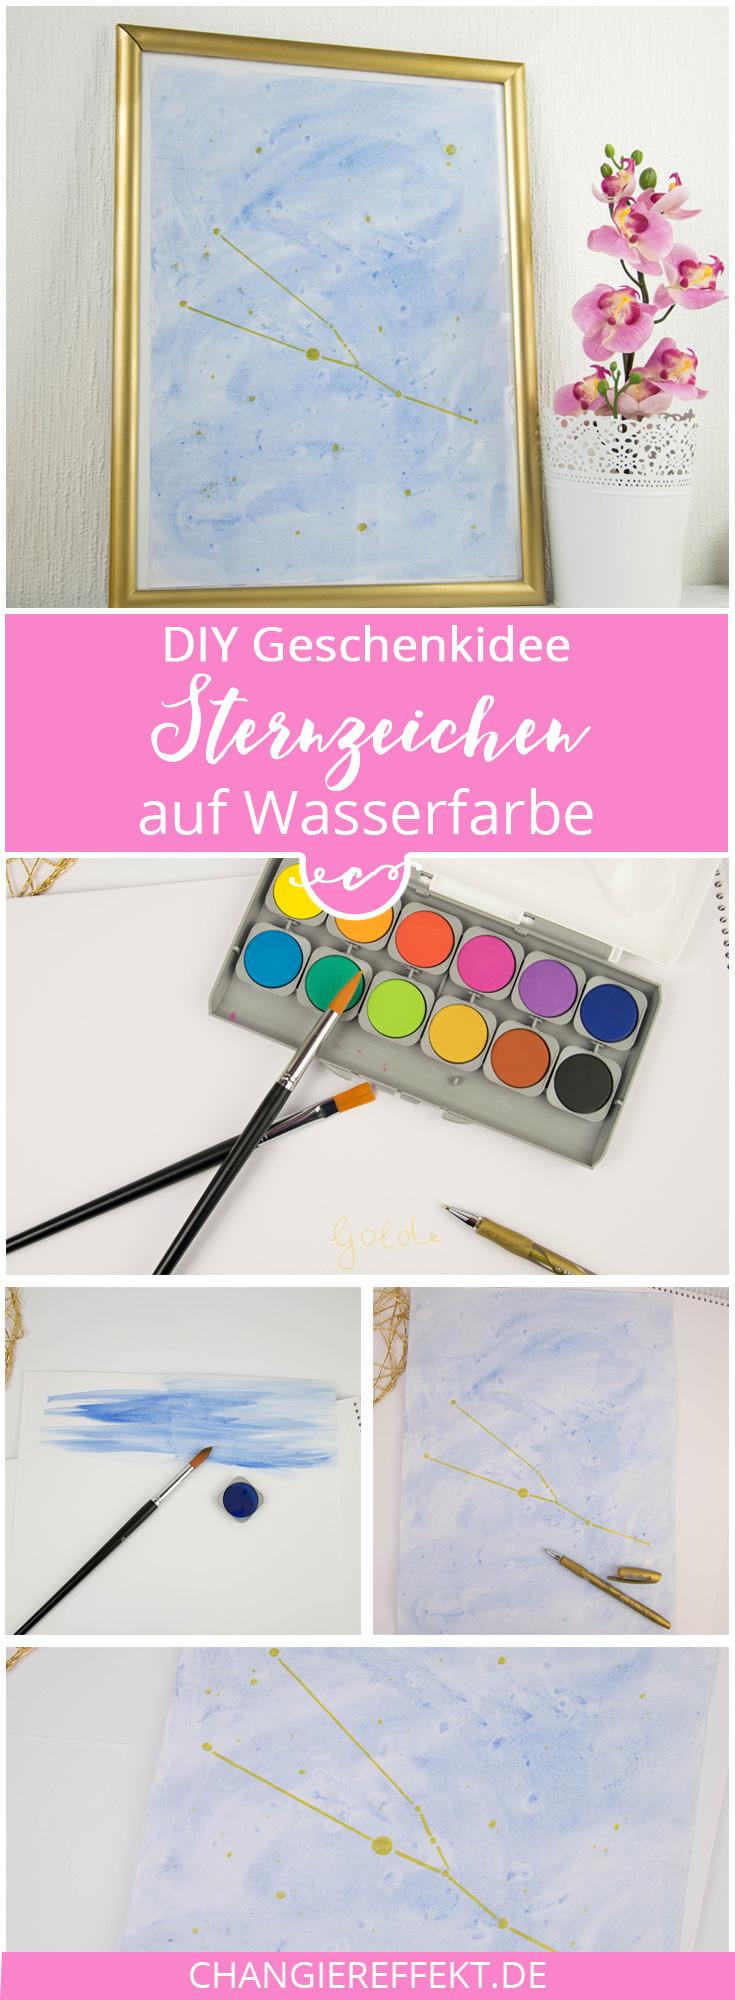 DIY Geschenk Sternzeichen Bild Wasserfarbe